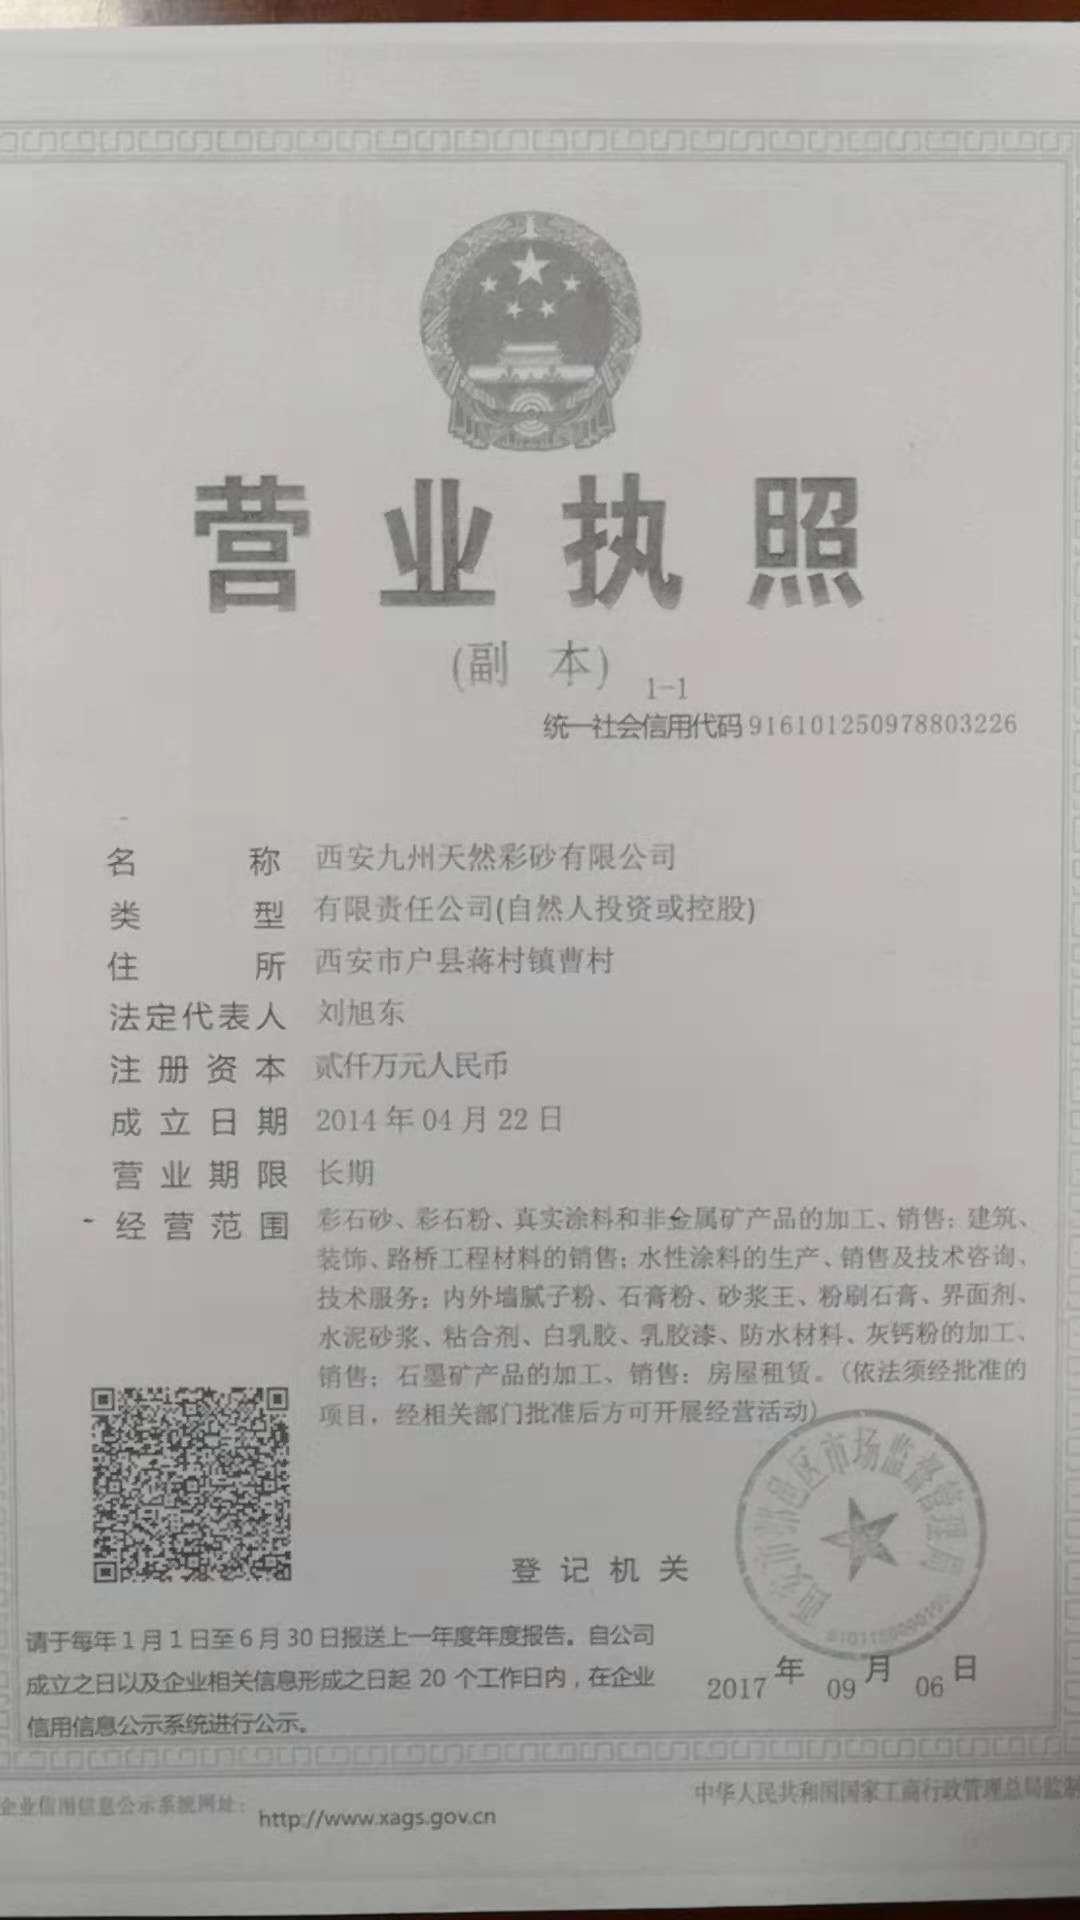 西安申博AG天然彩砂有限公司榮譽資質